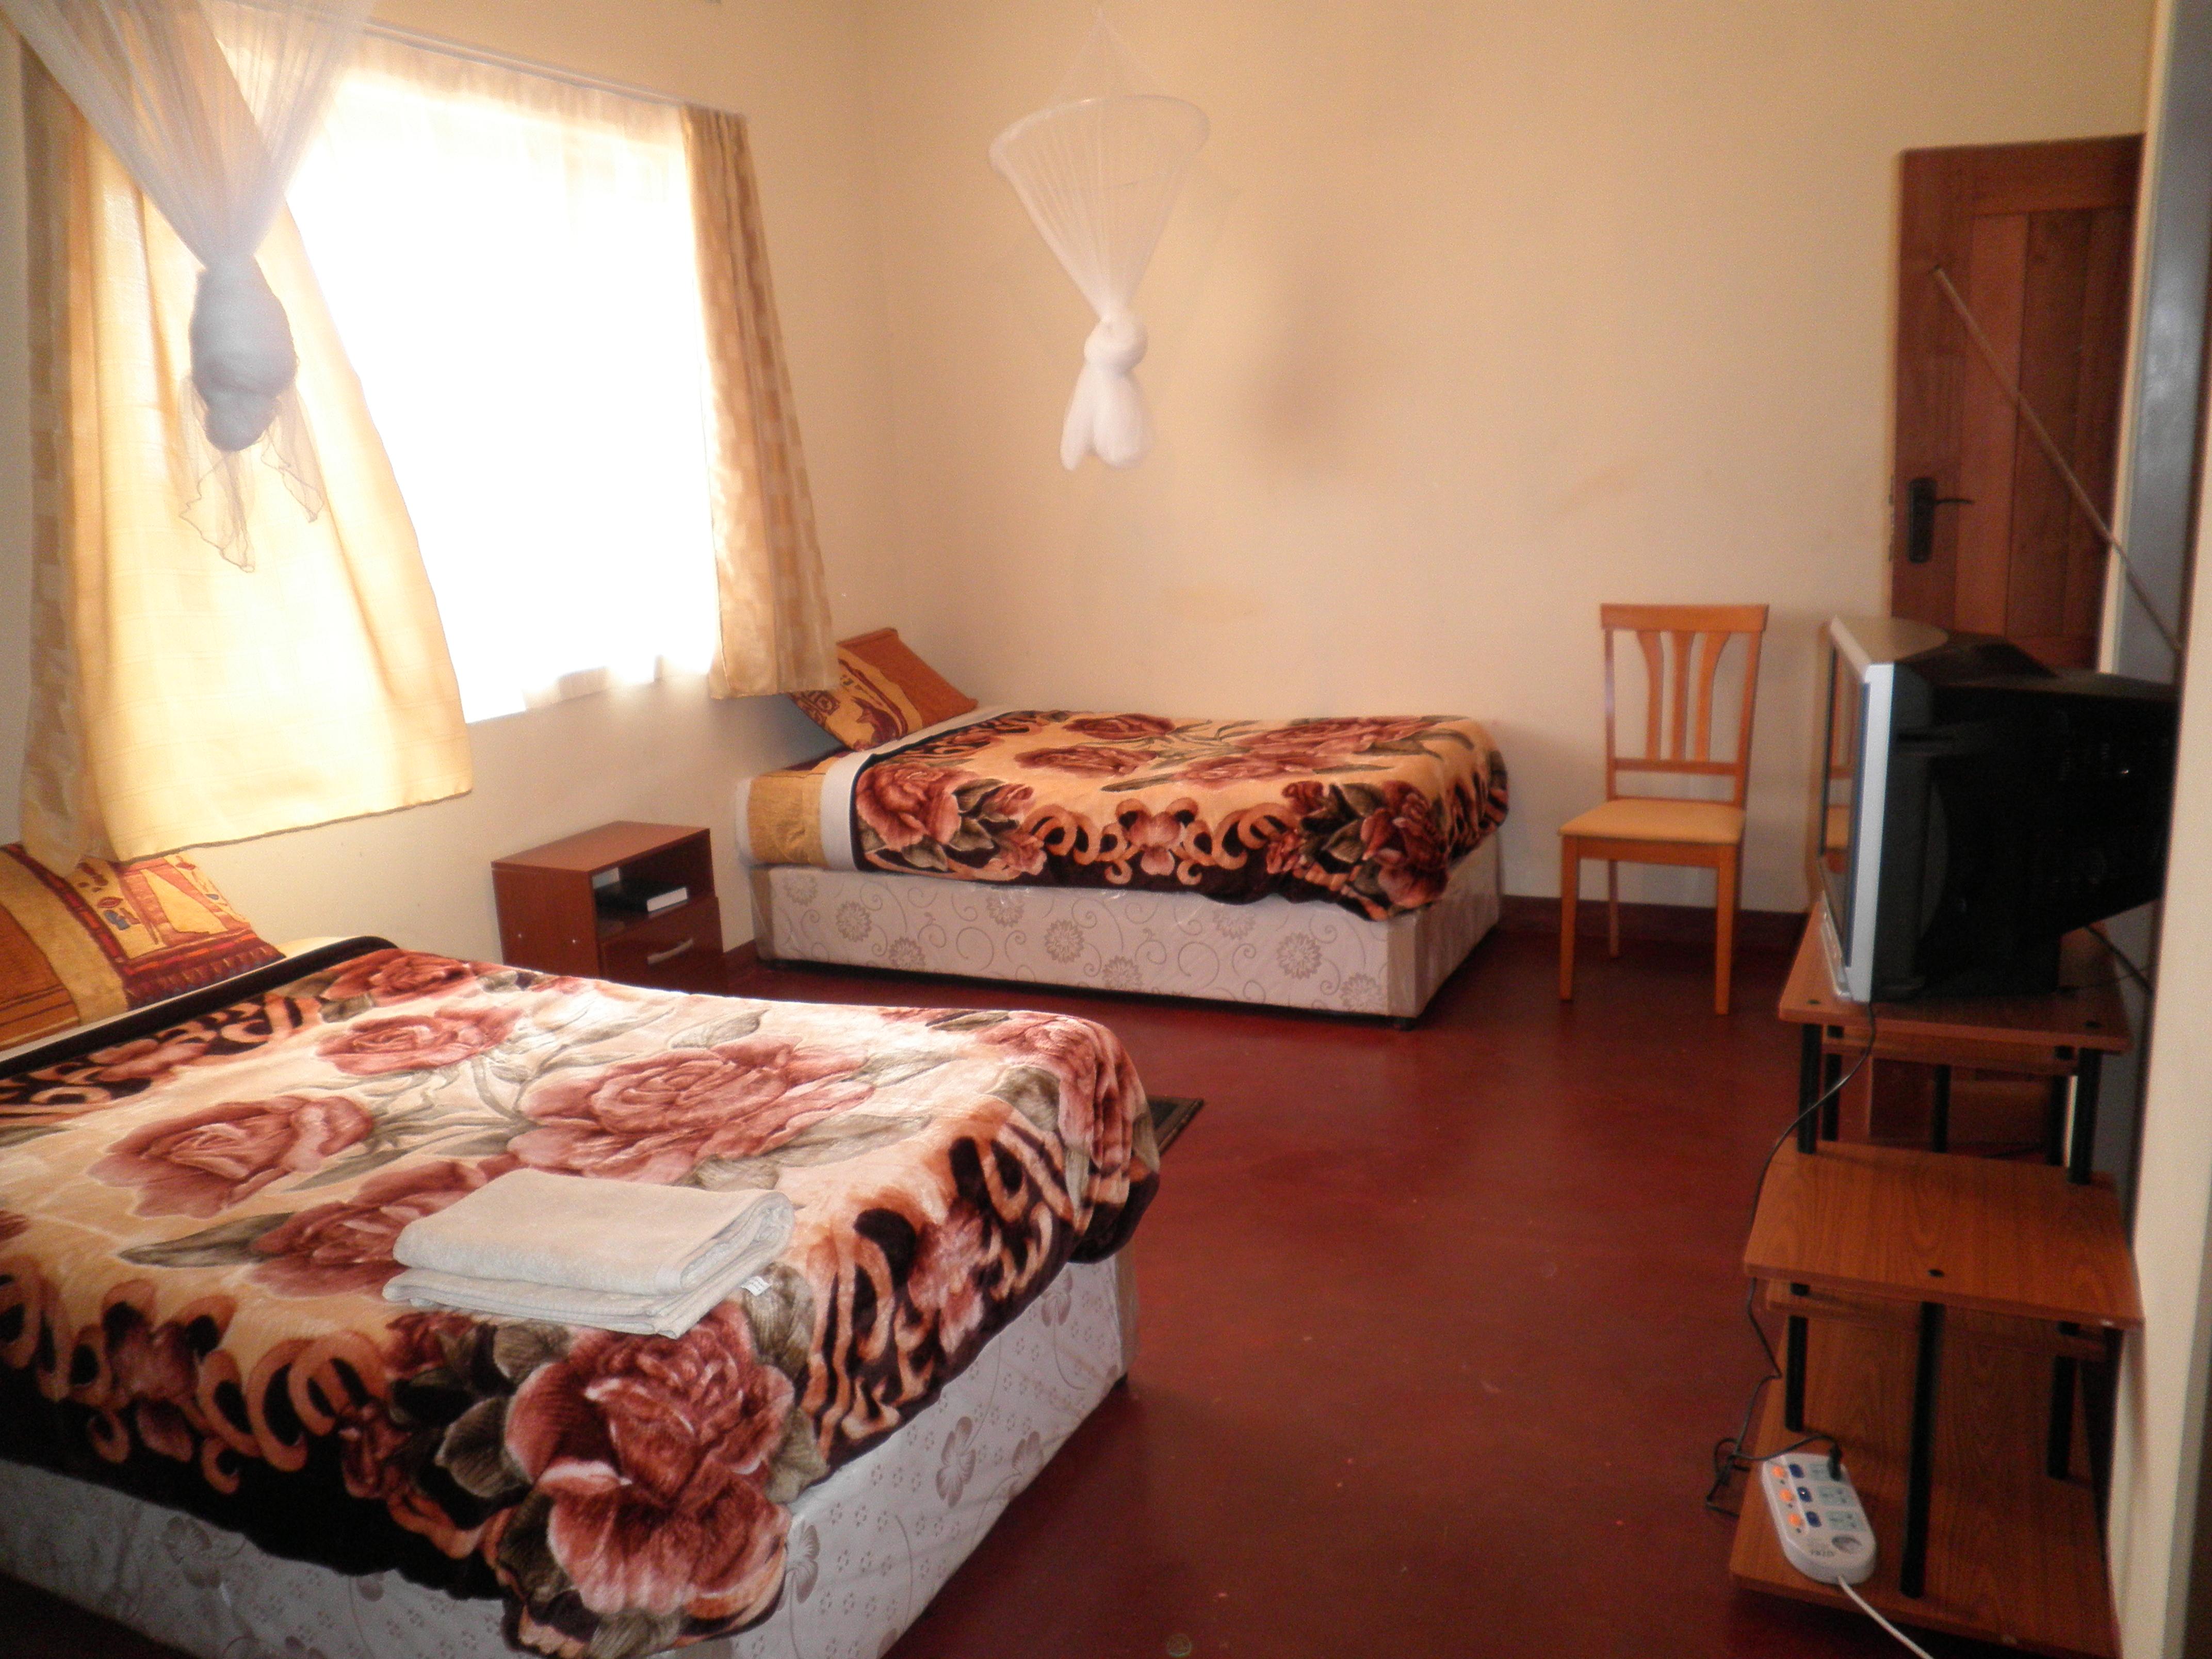 Schone kamers met comfortabele bedden en een goede keuken